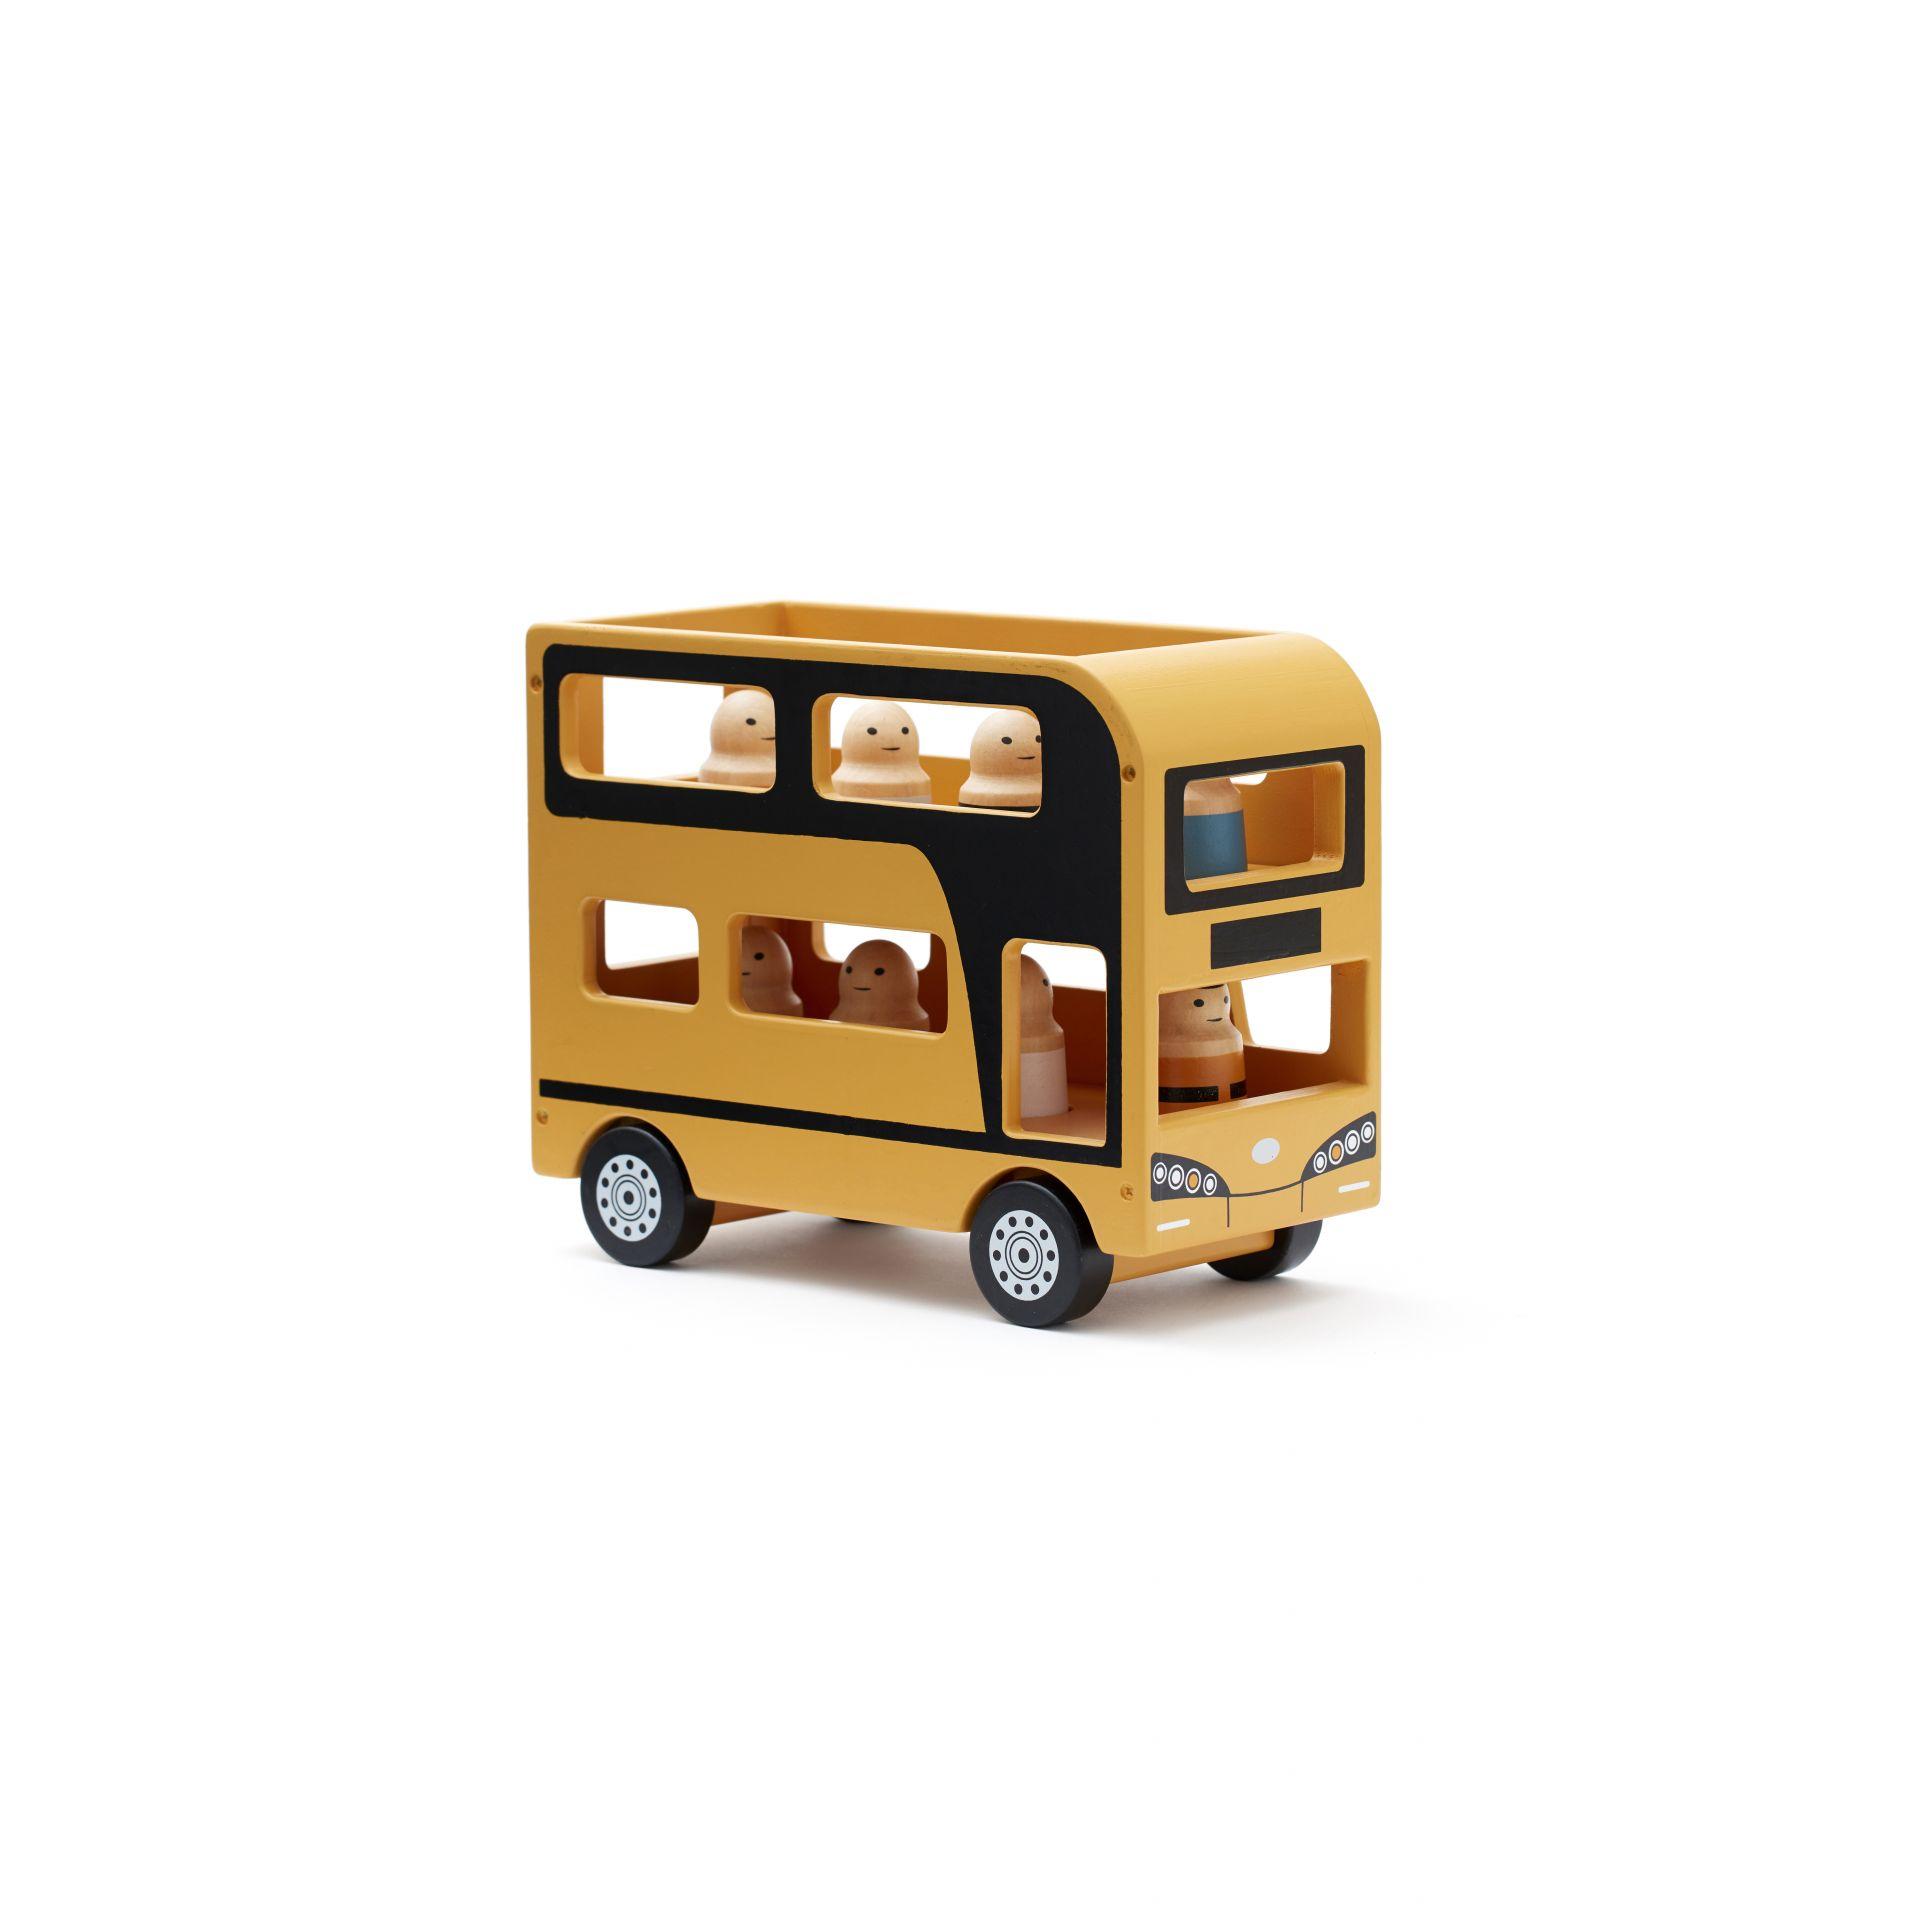 Doppeldeckerbus Aiden